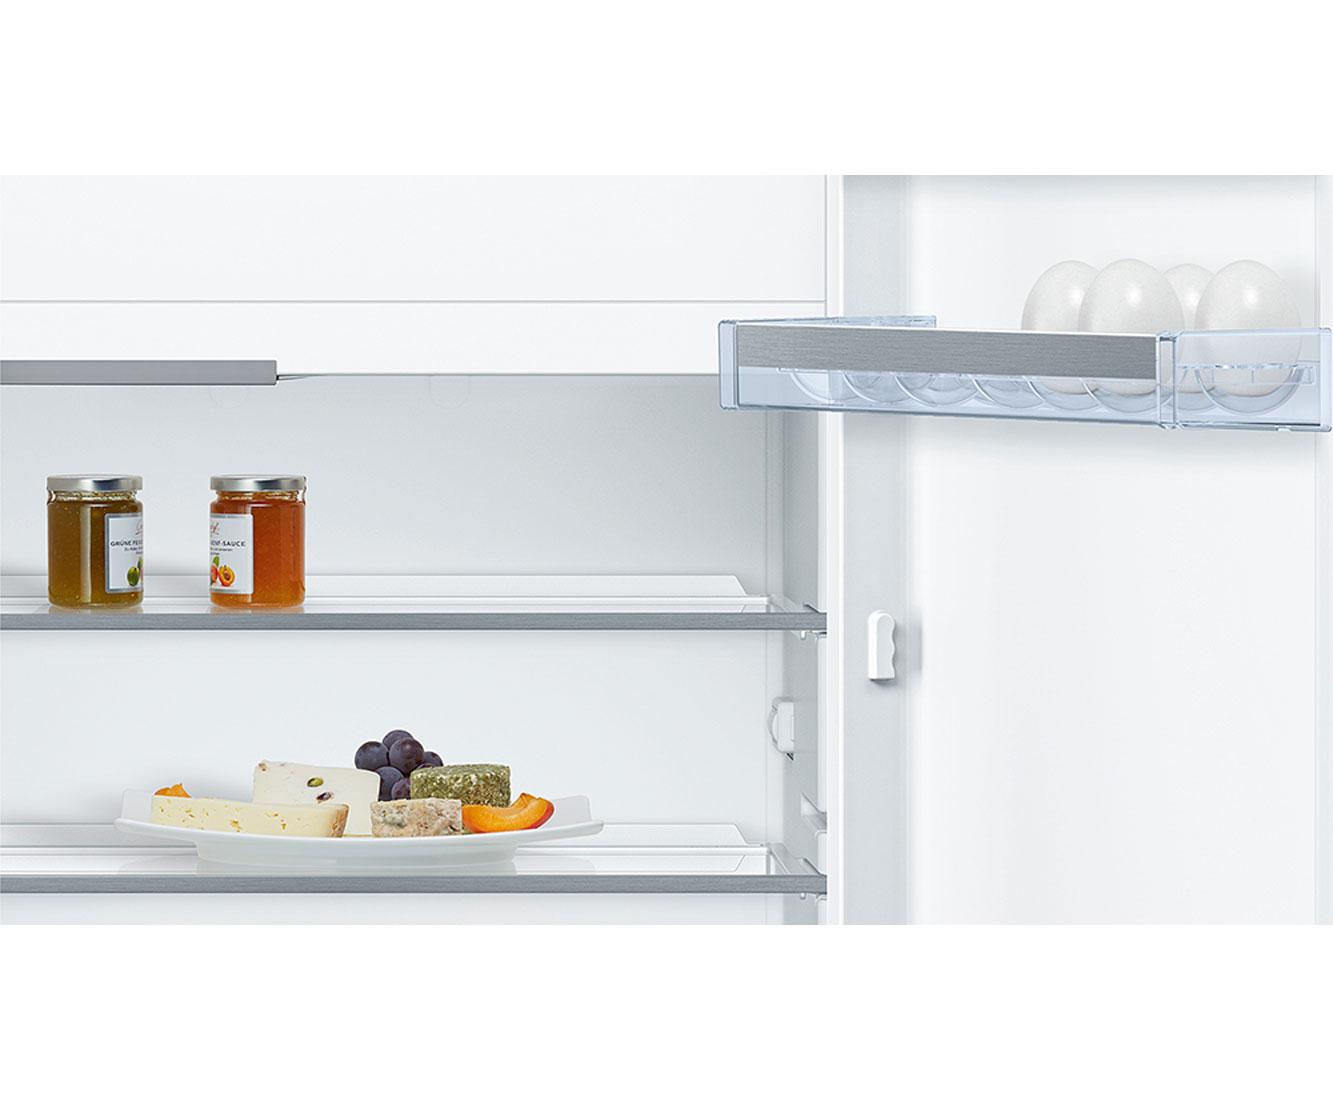 Bosch Kühlschrank Orange : Bosch serie kil vf einbau kühlschrank mit gefrierfach er